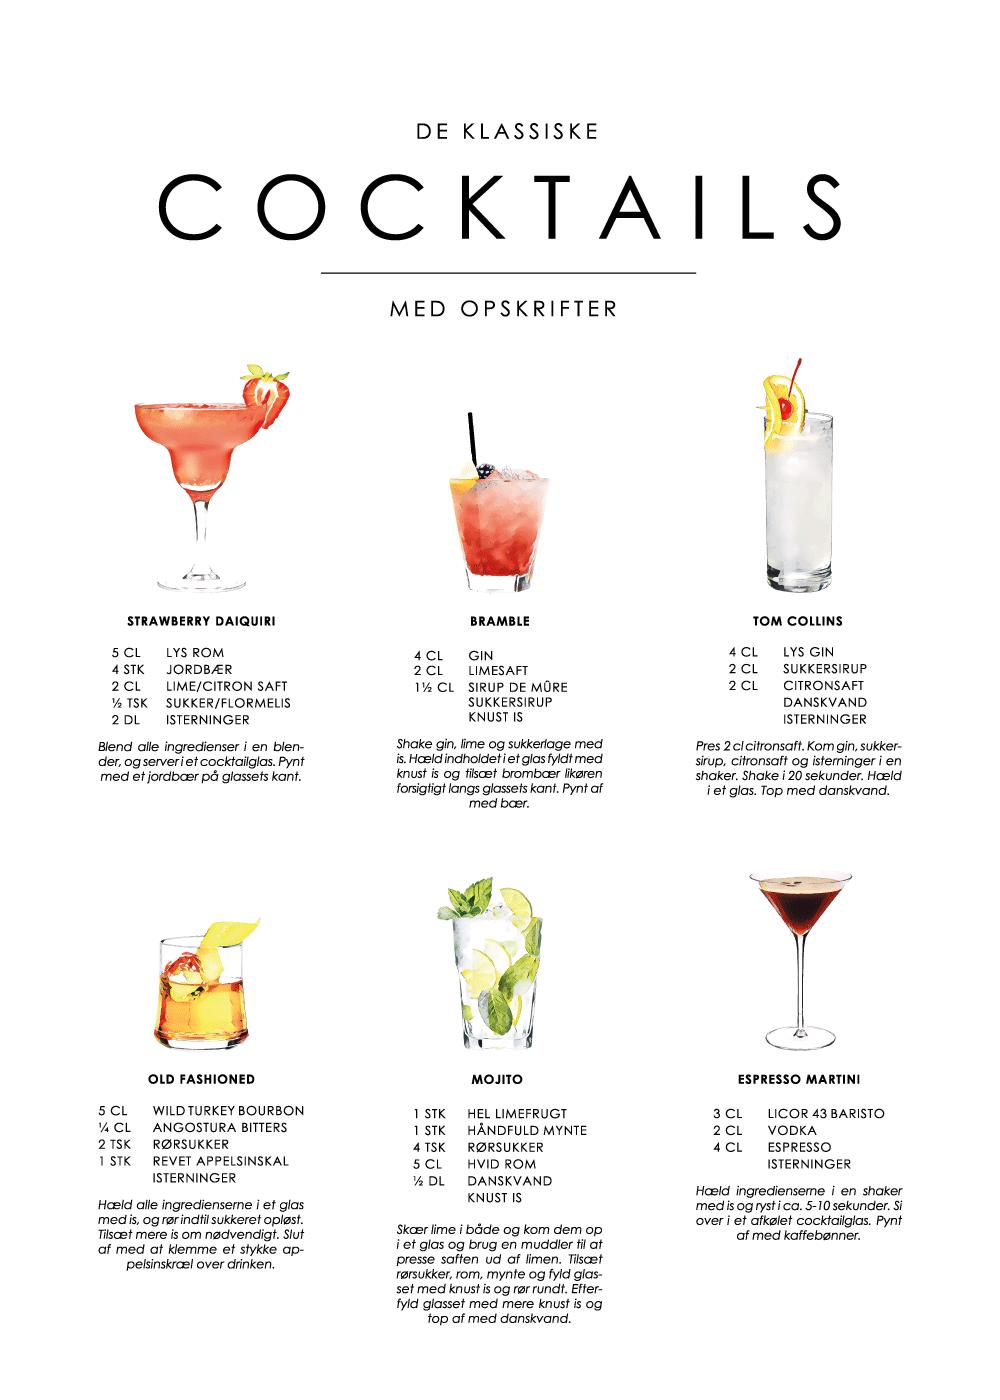 Cocktails opskrifter plakat - De klassiske nr. 3